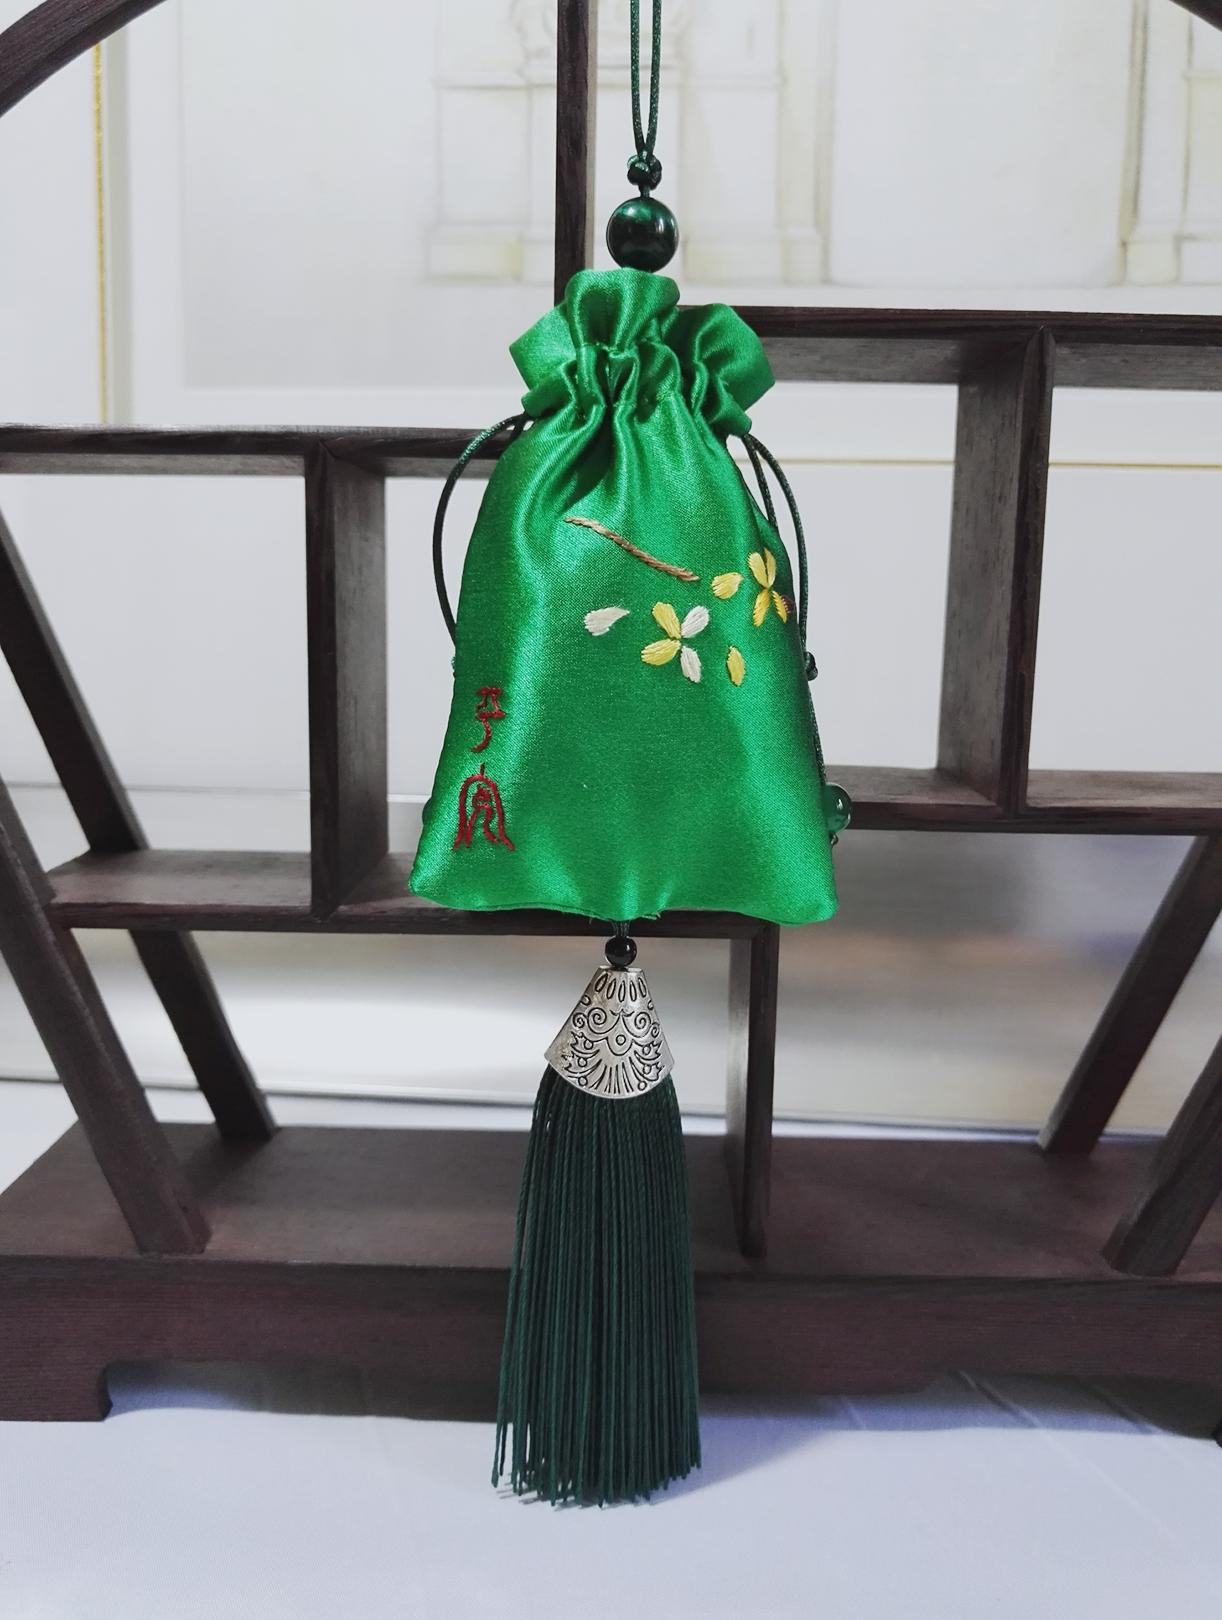 """Сычуань вышивать мускусный мешок автомобиль ручной работы вышивка шелк вышивать статья """" прекрасный сын аромат """" синий / зеленый ладан мешок"""